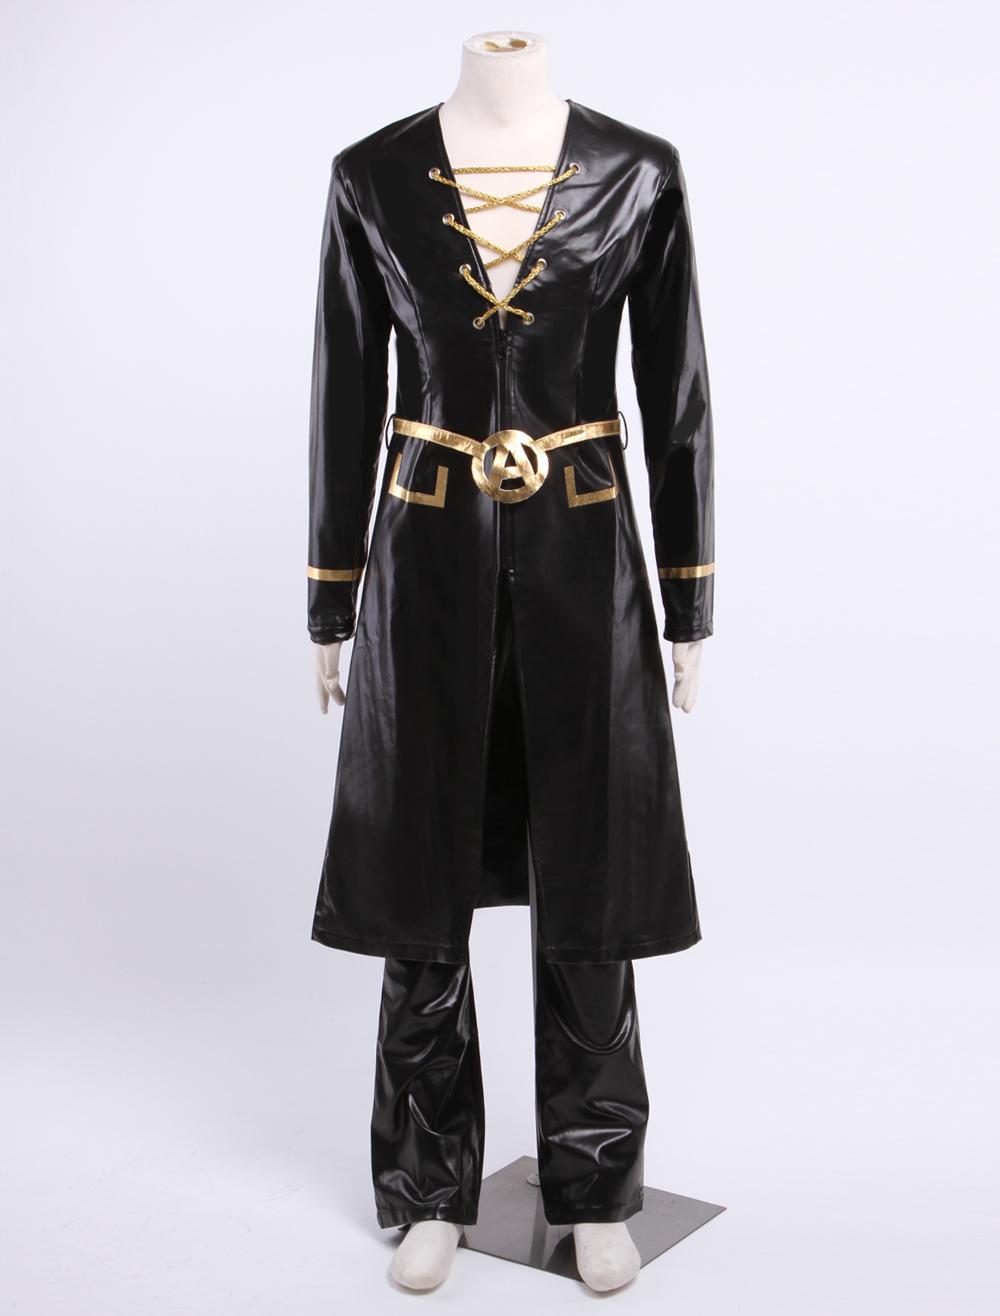 ... JoJo s Bizarre Adventure Leone Abbacchio Cosplay Costume Halloween-No.5.  1. 30%OFF. Color Black 13bc49feca44